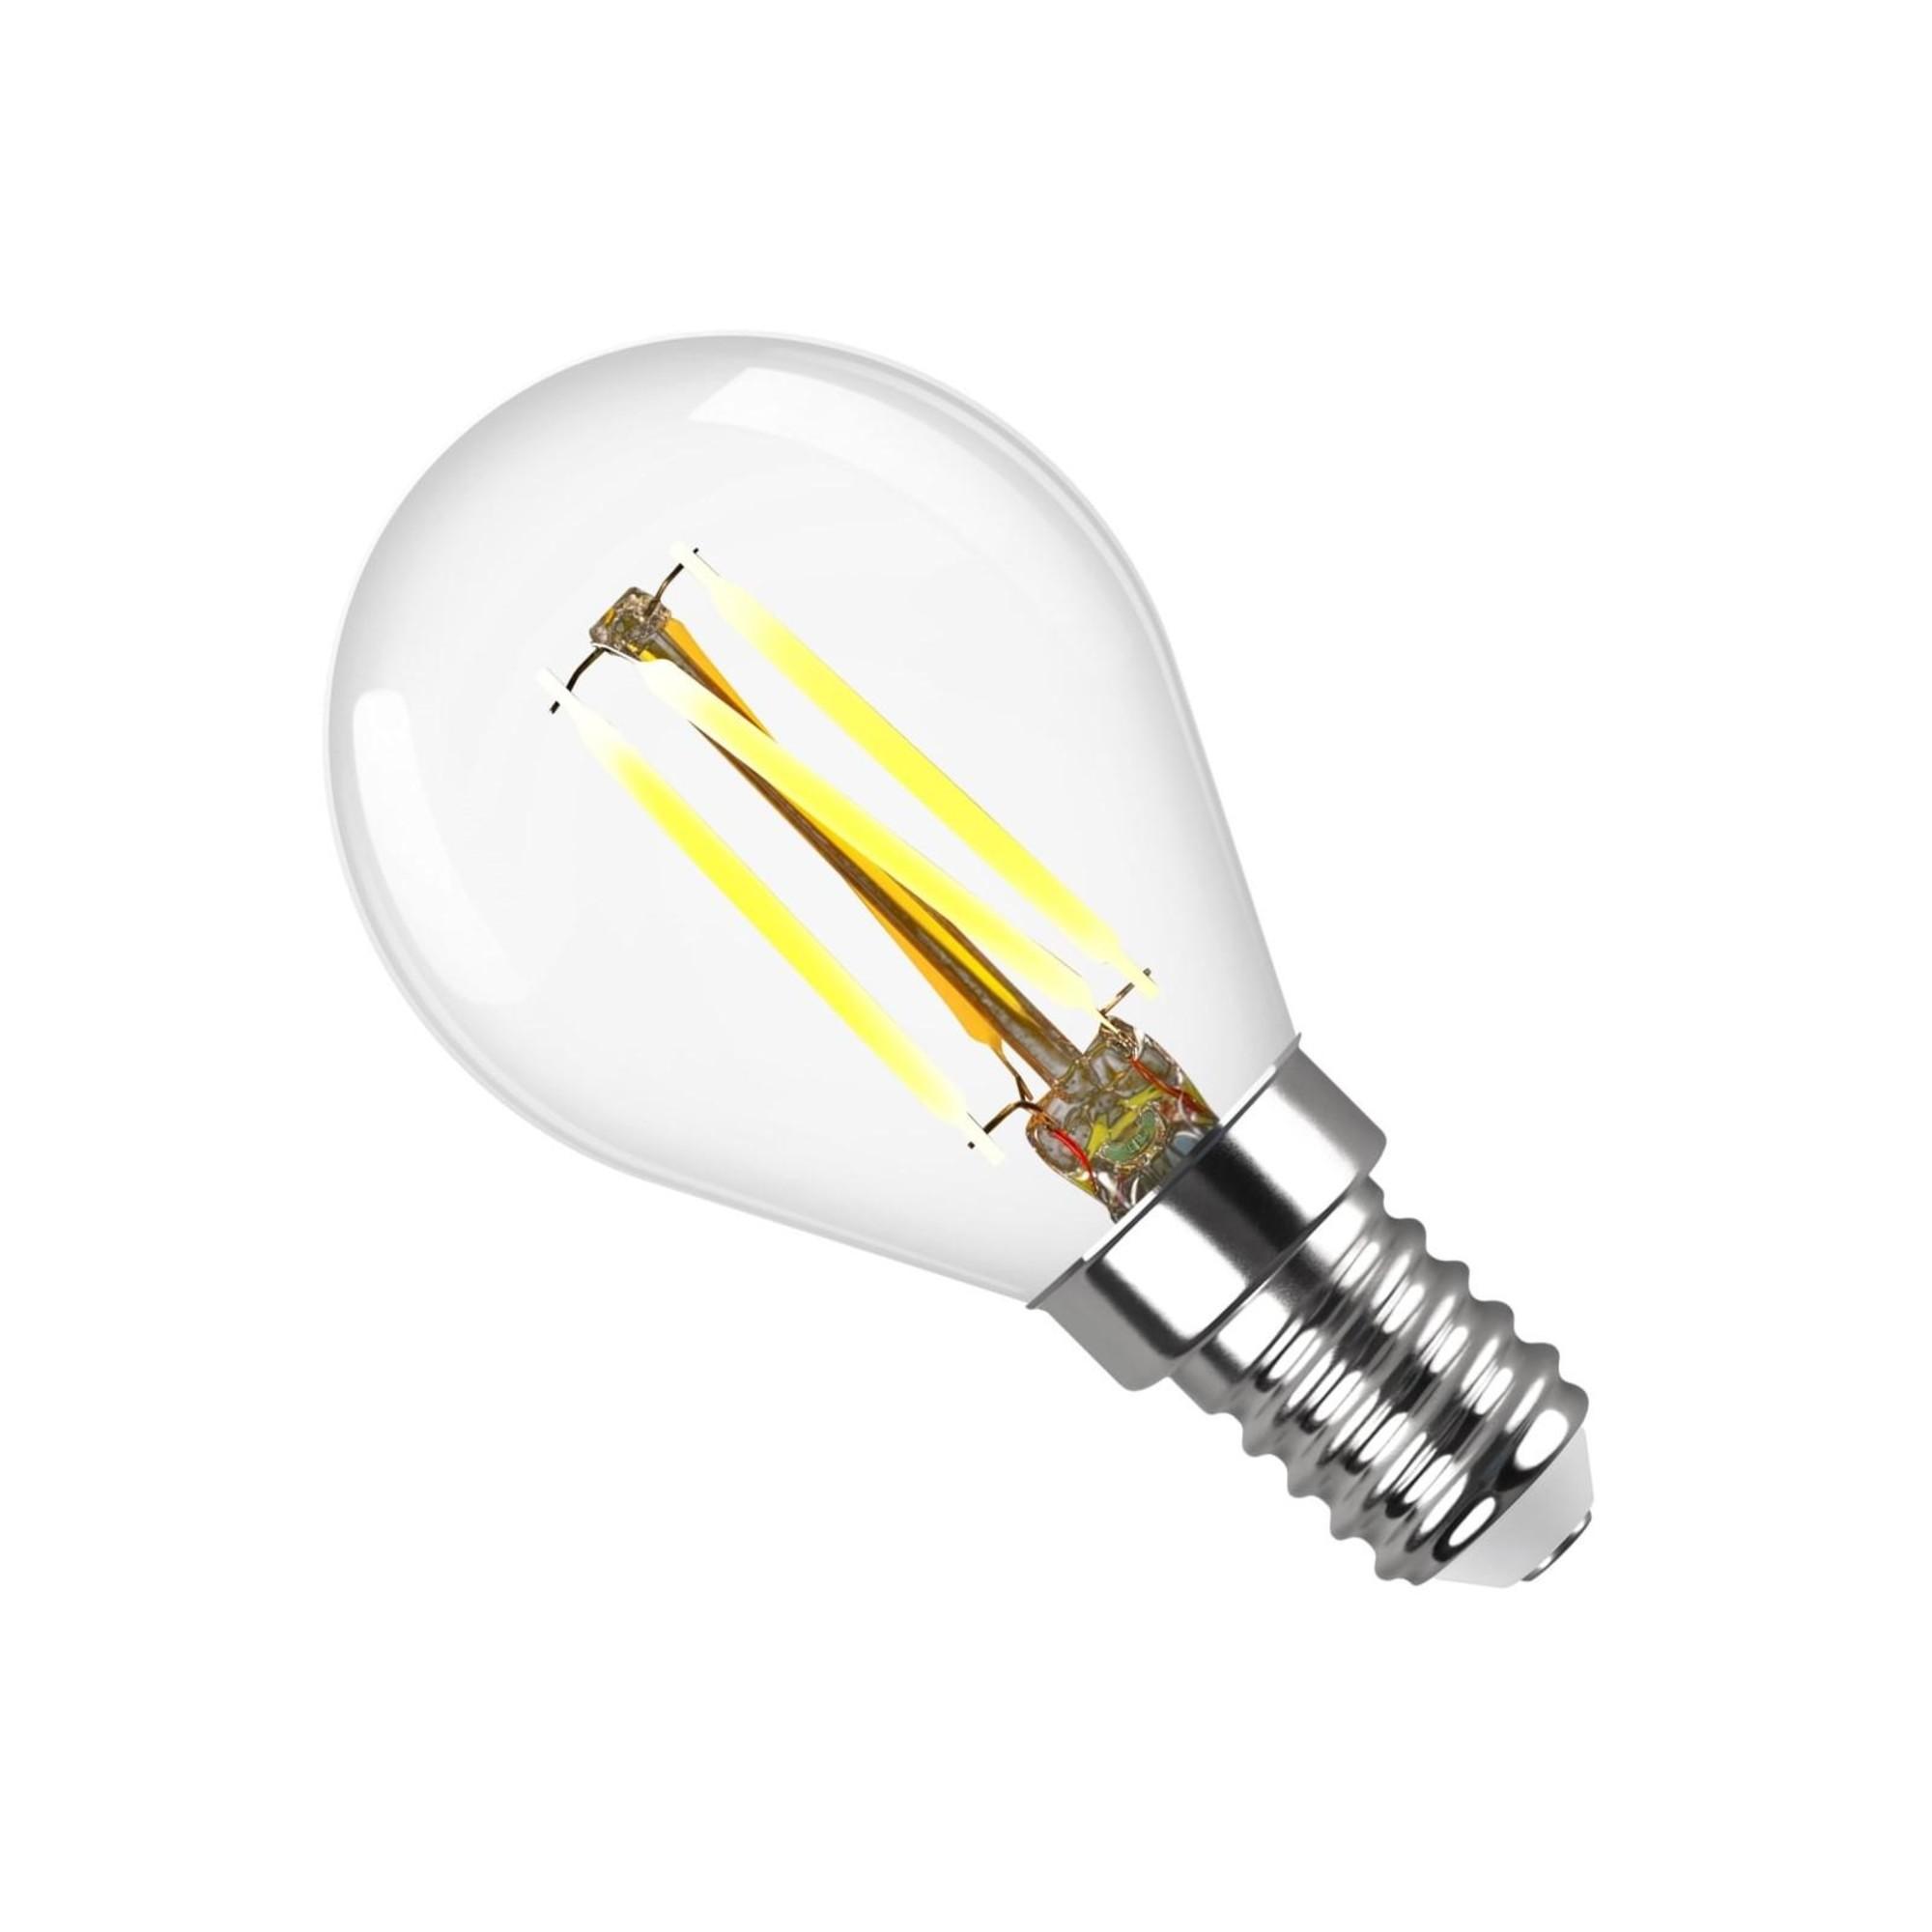 Лампа светодиодная (комплект 5 шт.) REV FILAMENT G45 E14 7W 4000K DECO Premium 32483 6